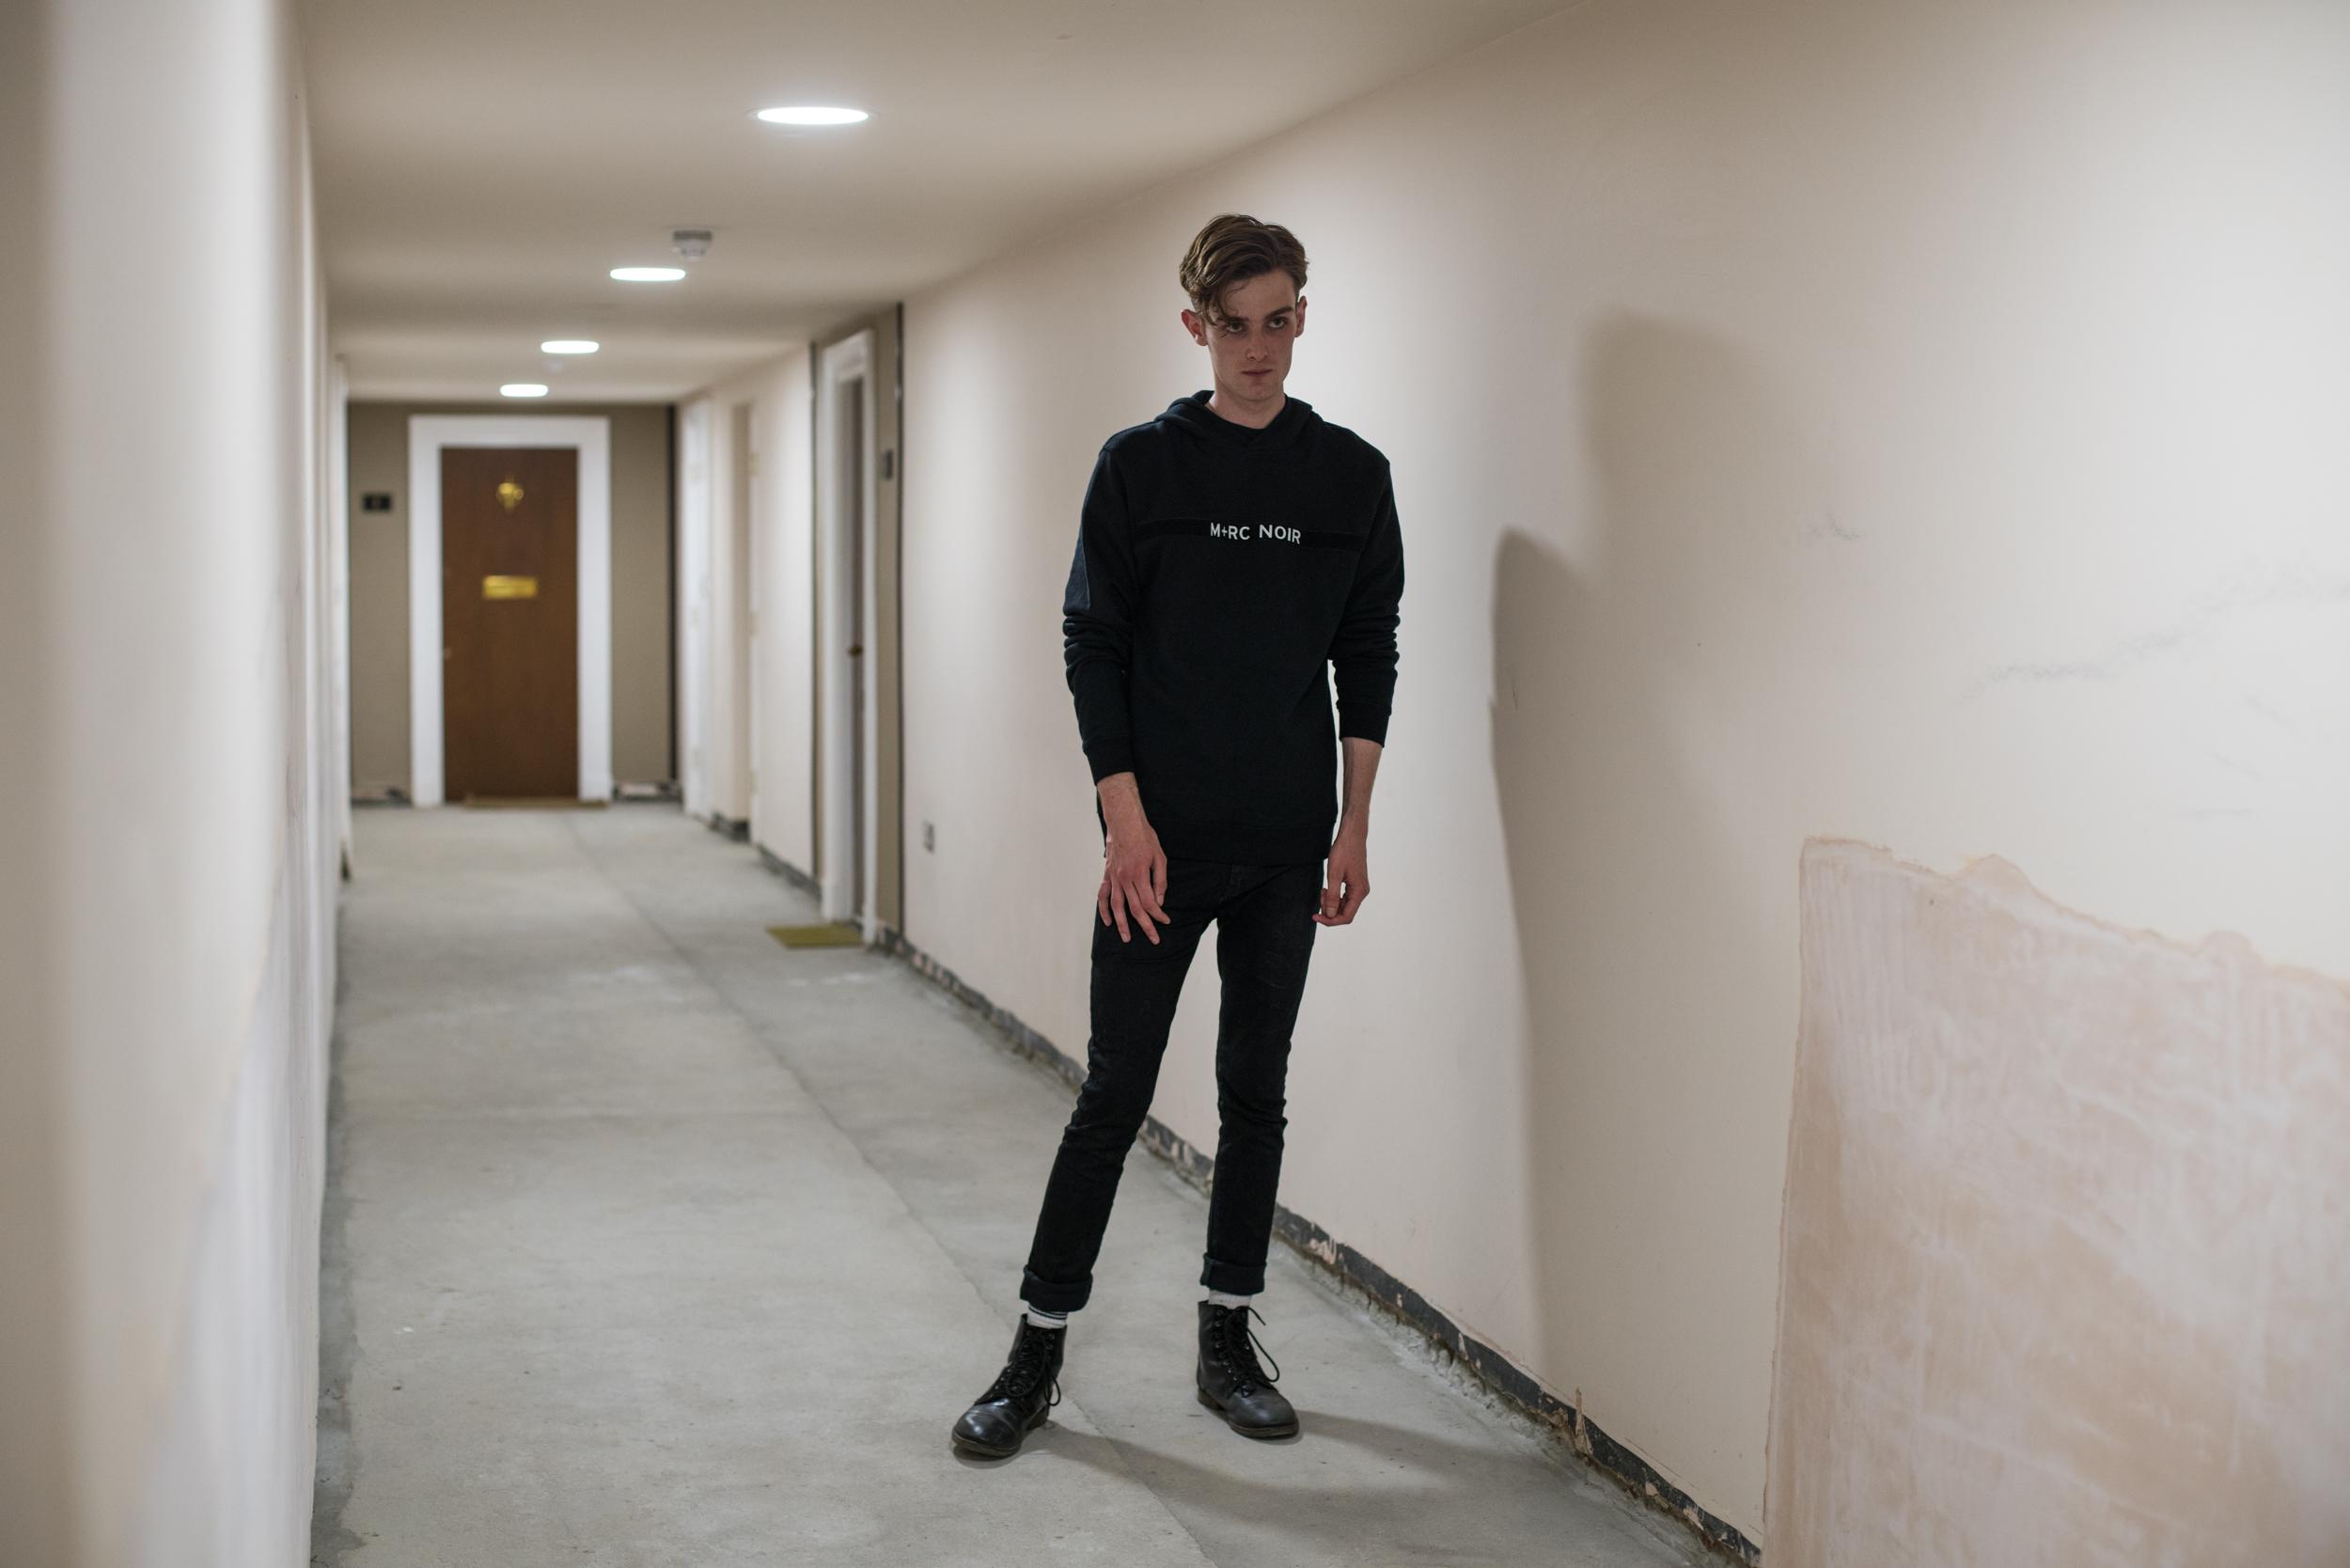 Declan: Marché Noir